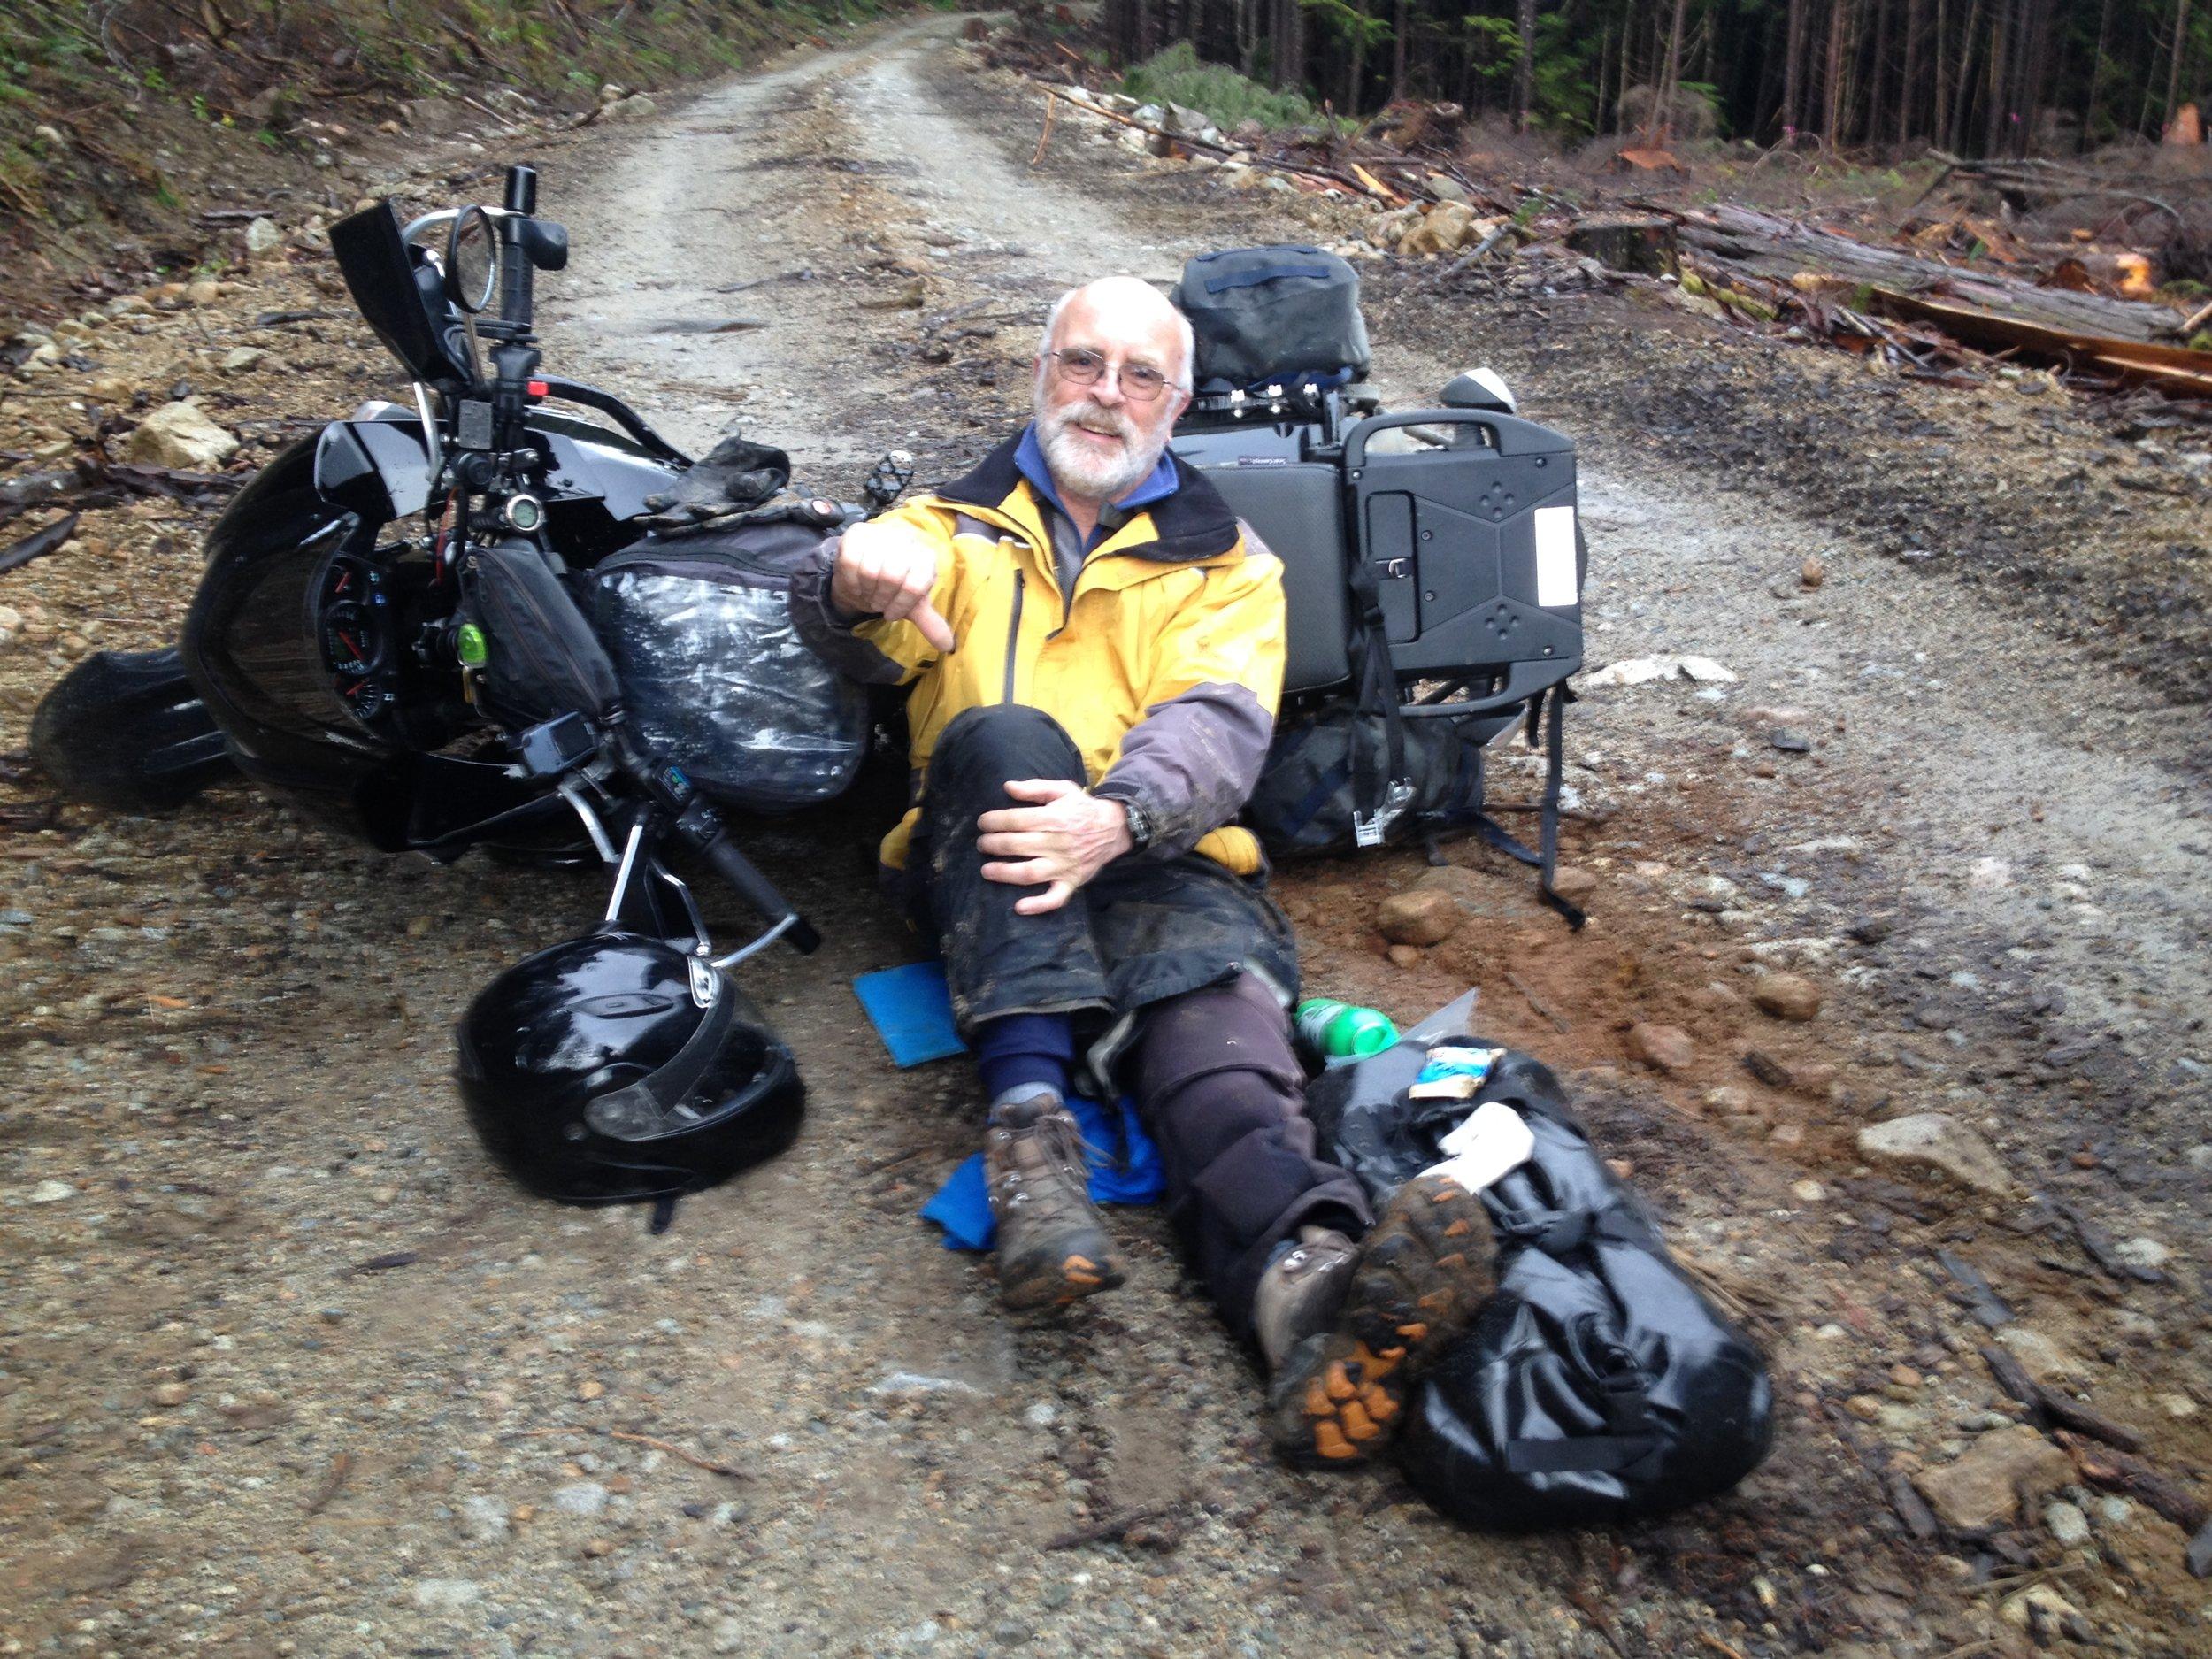 inreach-klr650-motorcycle-rescue.jpg